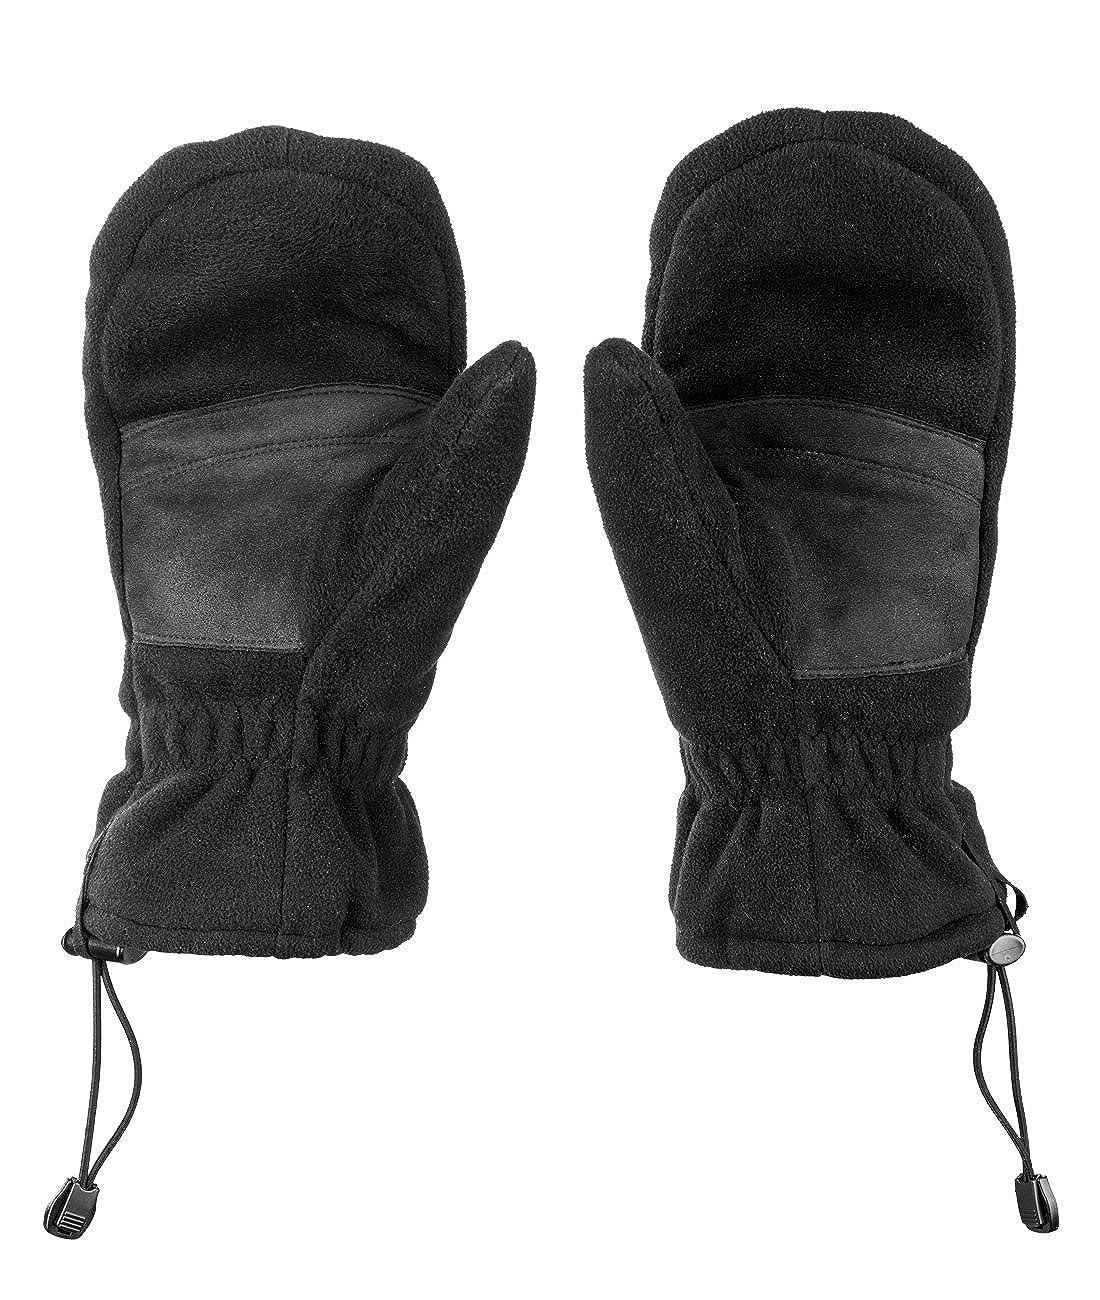 7bae4d796028d3 Fünf Finger Fäustling: Hybrid Winterhandschuh - Unisex - ideal für Freizeit  & Sport - wärmste atmungsaktive Handschuhe: Amazon.de: Bekleidung